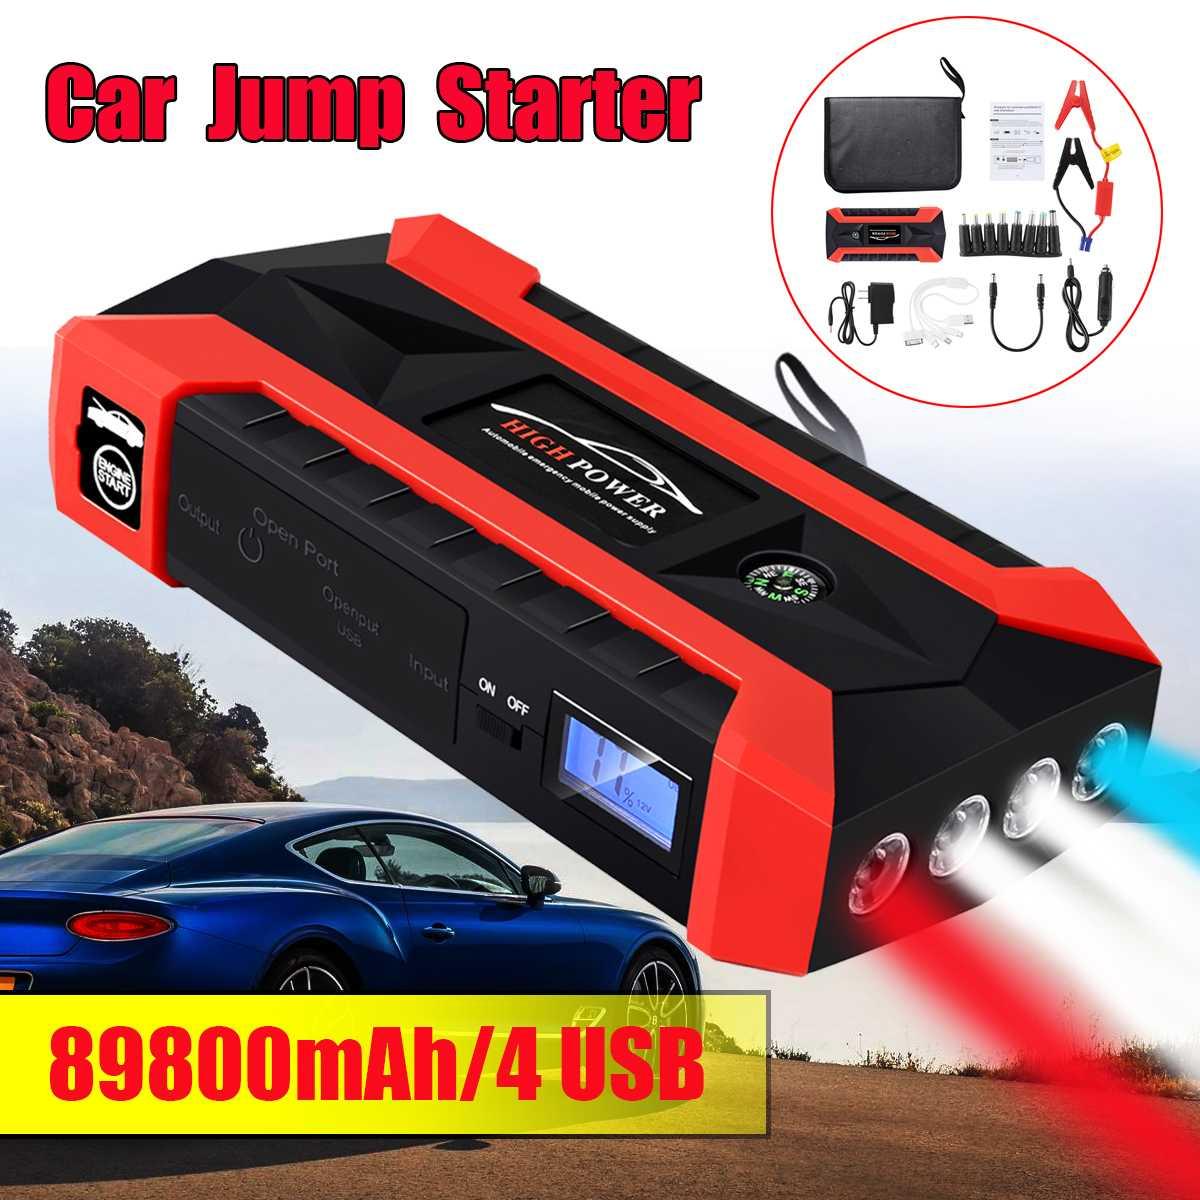 89800 mAh 4USB del coche salto de arranque multifunción cargador de emergencia de banco de potencia de batería Paquete de 12 V que dispositivo impermeable